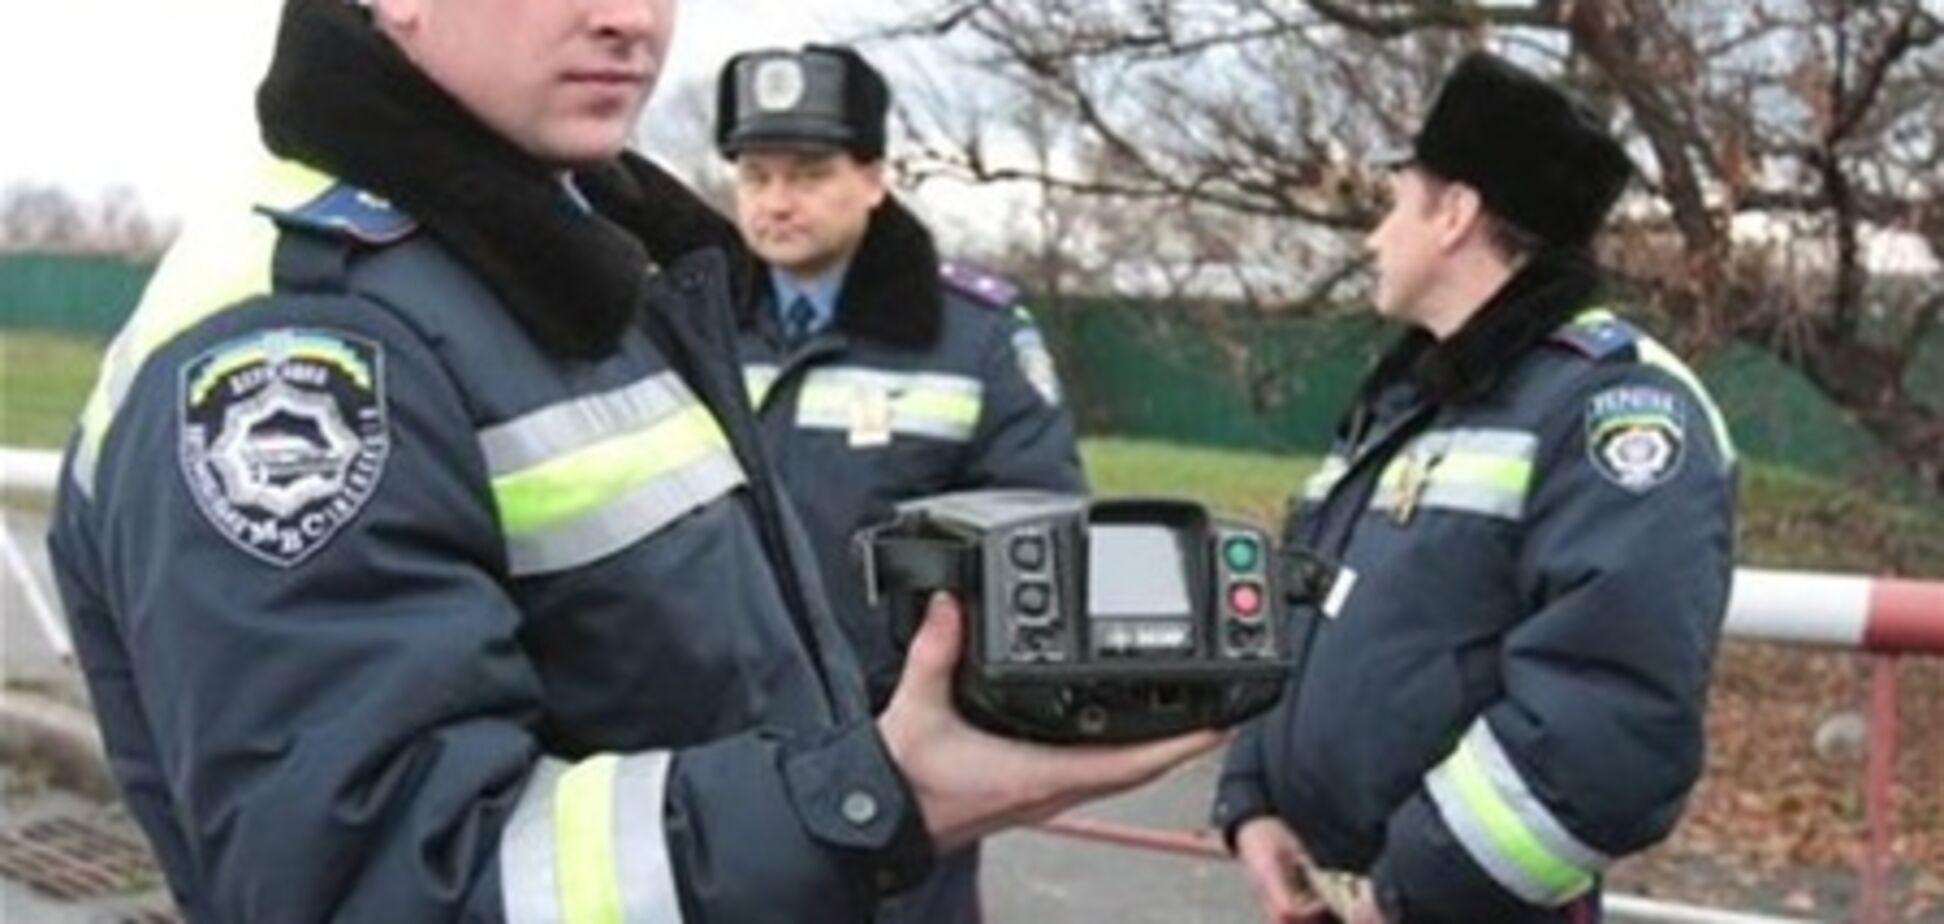 Даішники штрафували українців, використовуючи незаконну апаратуру - ГПУ